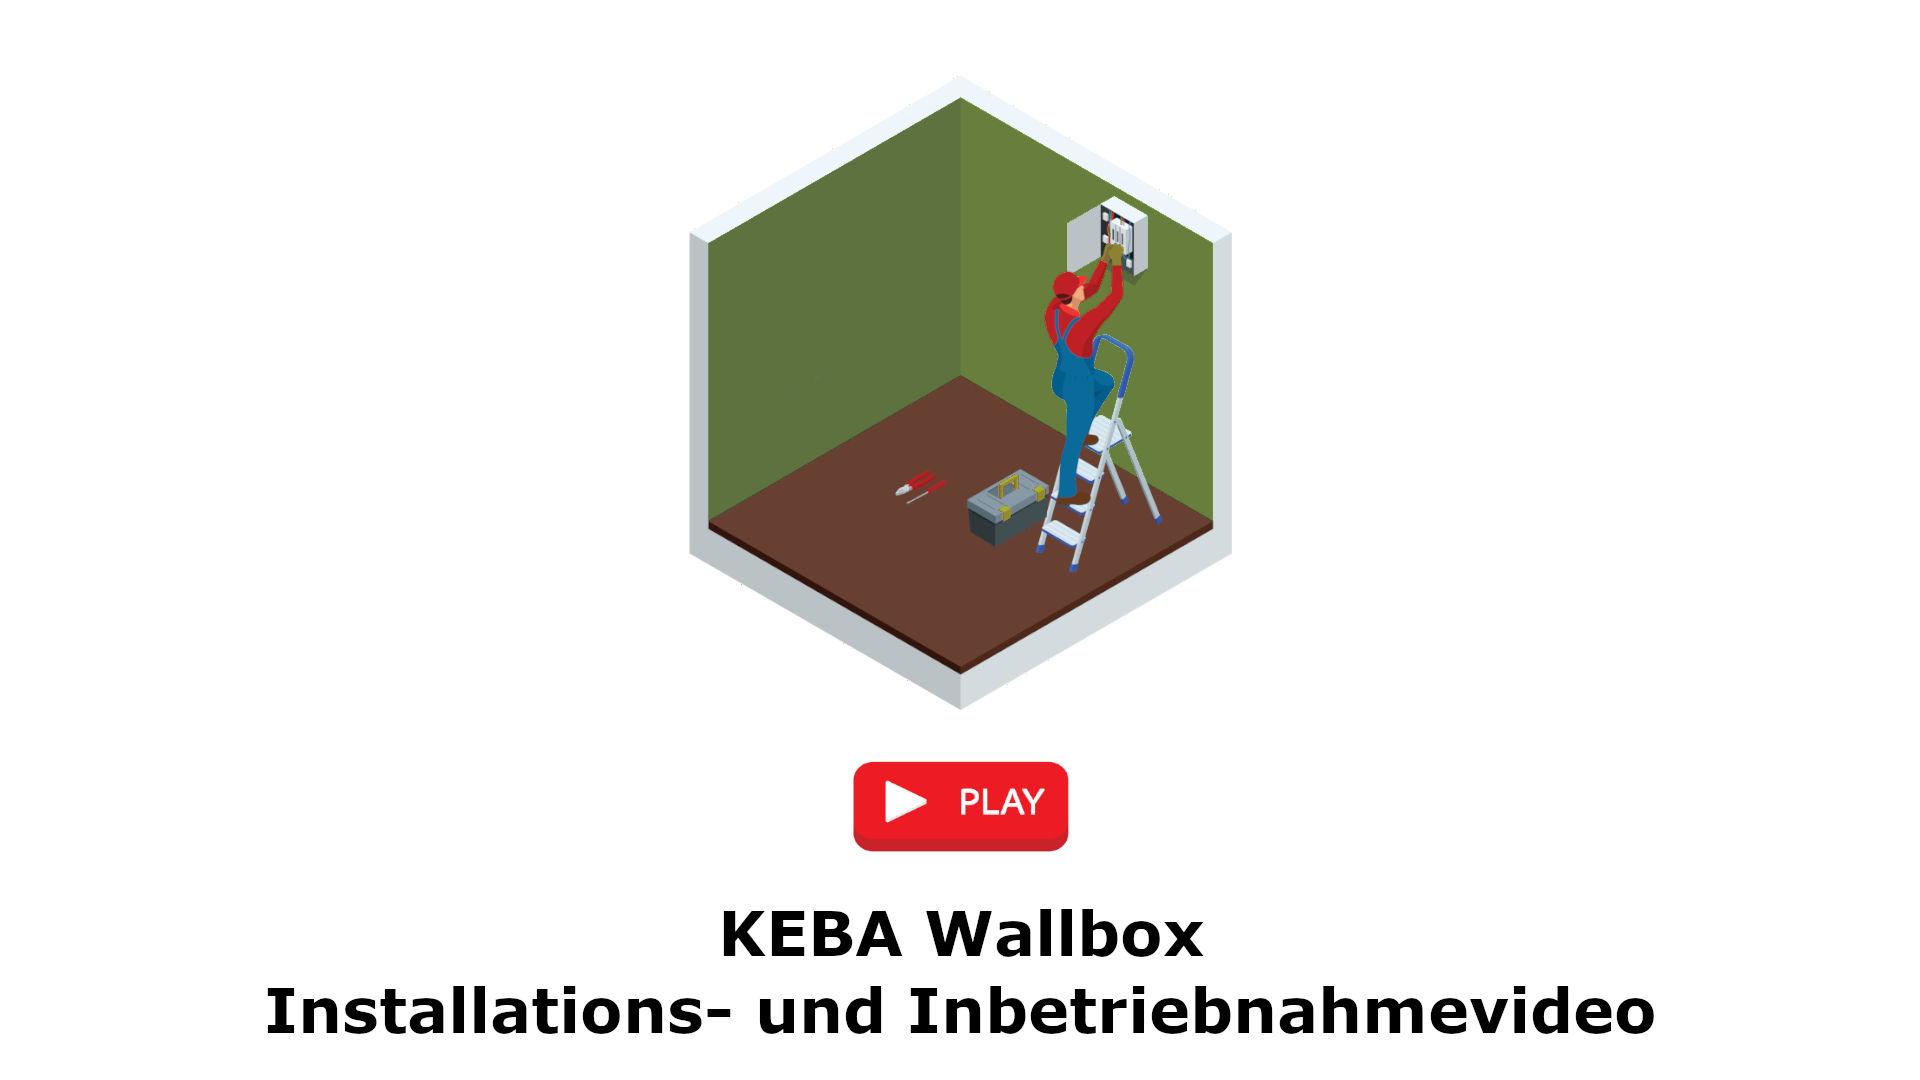 KEBA Wallbox Installations- und Inbetriebnahmevideo